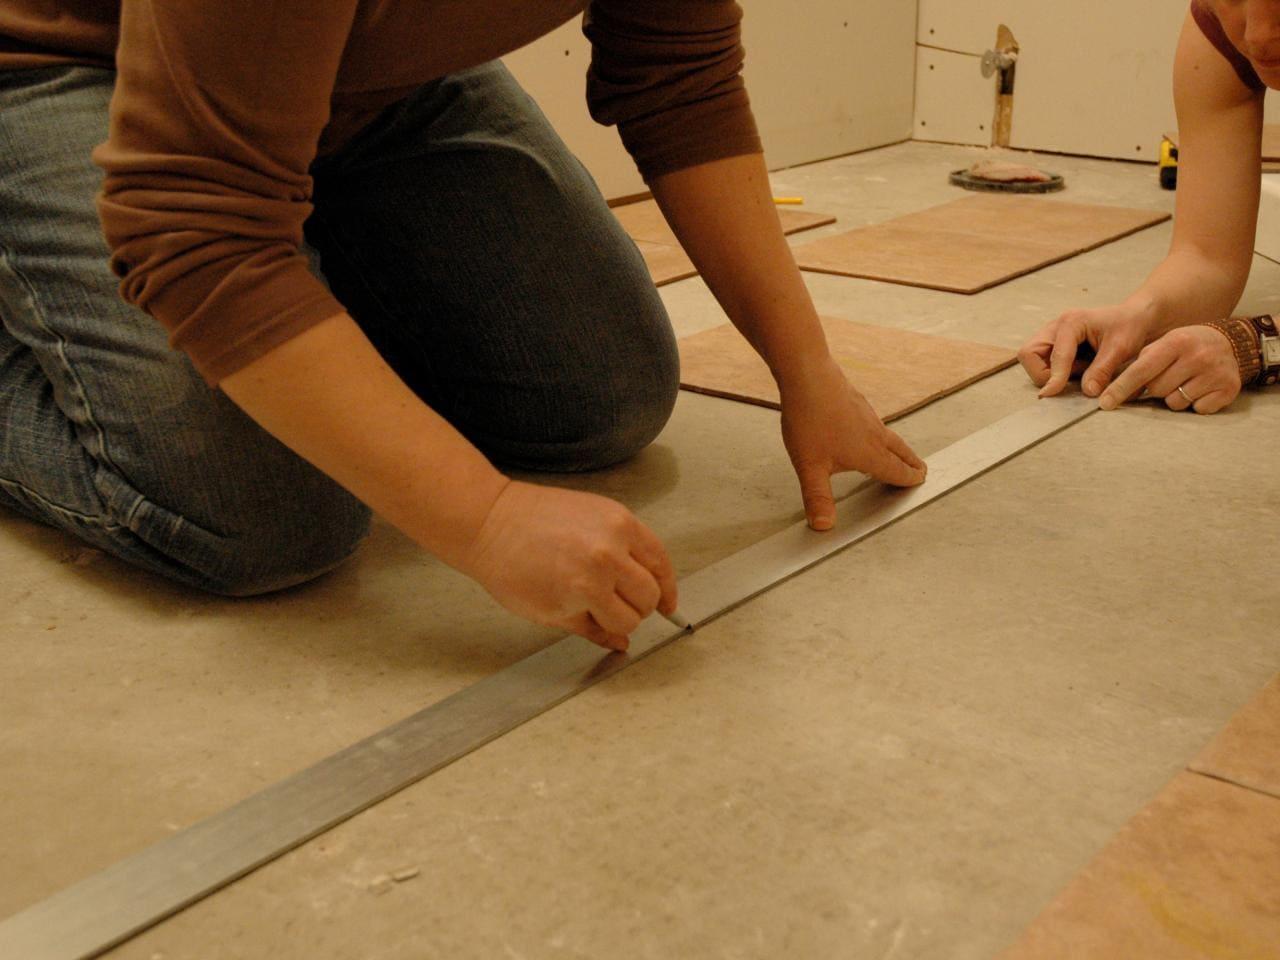 Площадка под укладку матов или кабеля должна быть ровной и чистой